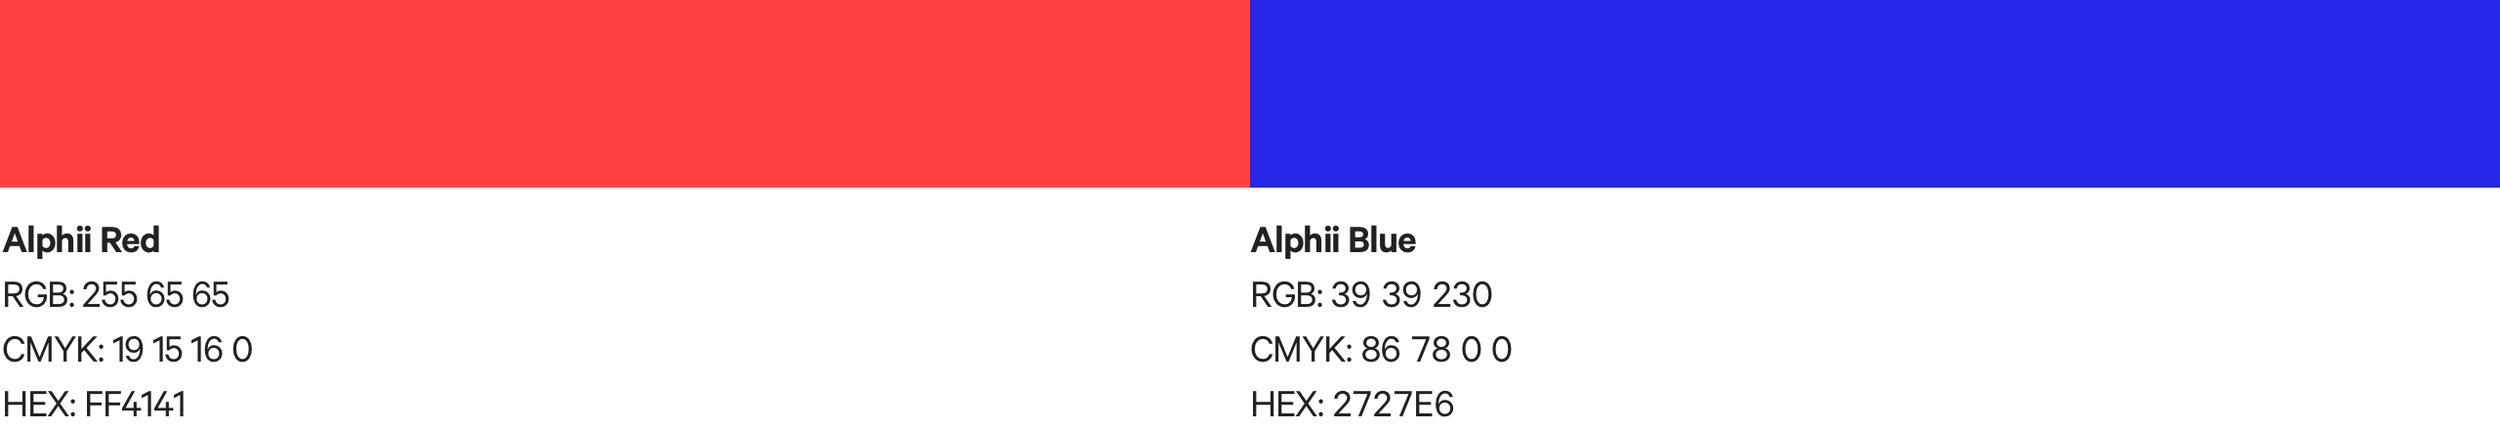 Color Scheme - Accents Colors.jpg